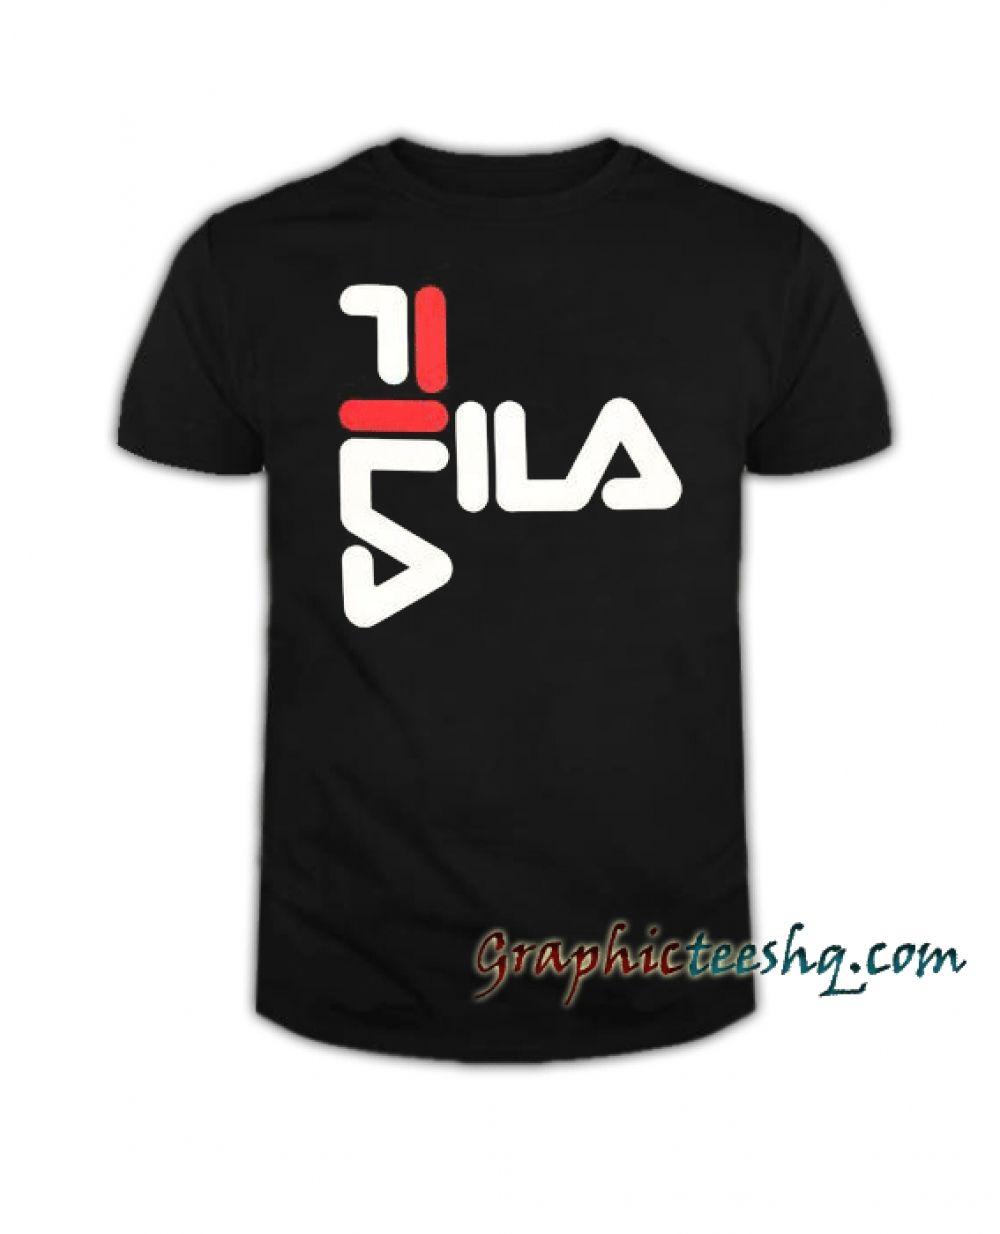 7815ff82 FILA Anthony Mens Black Tee Shirt Price: 13.50 #style #fashion #tshirts #tee  #tshirtdesign#instafashion #black #cute #art #amazing#funny #webstagram  #lol ...